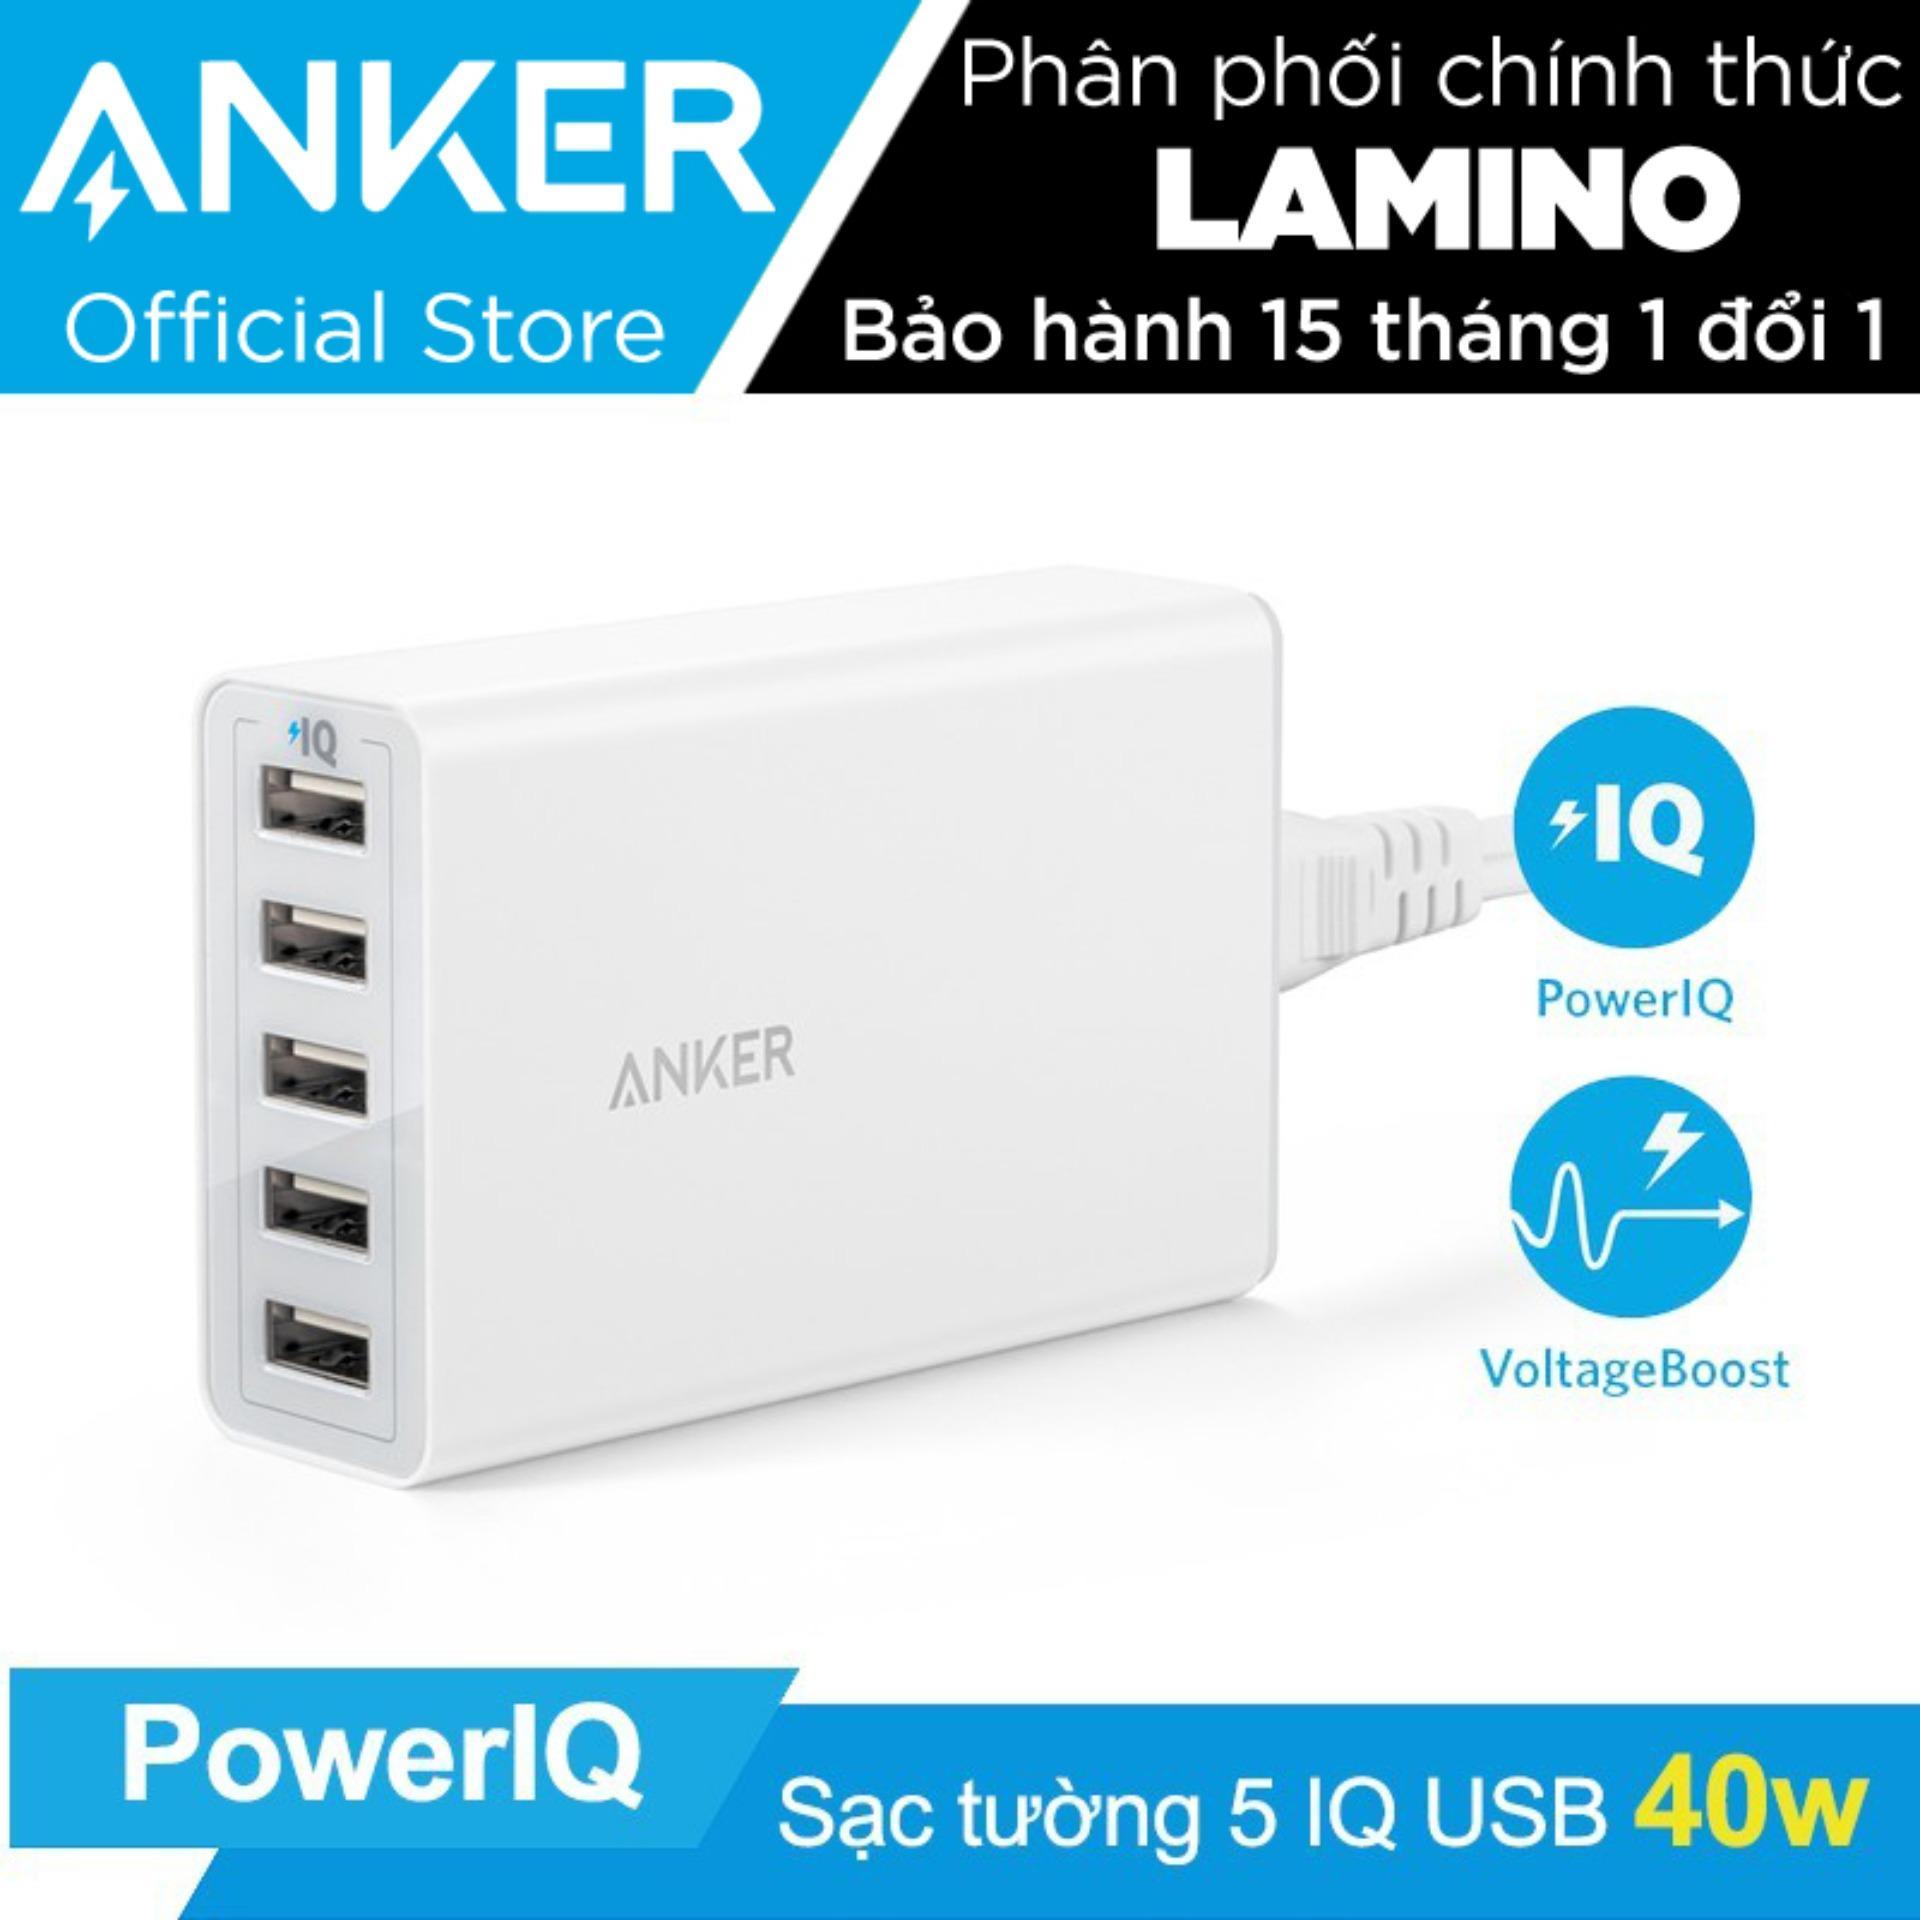 Cửa Hàng Sạc Anker Powerport 5 Cổng 40W Co Poweriq Trắng Hang Phan Phối Chinh Thức Trong Hồ Chí Minh